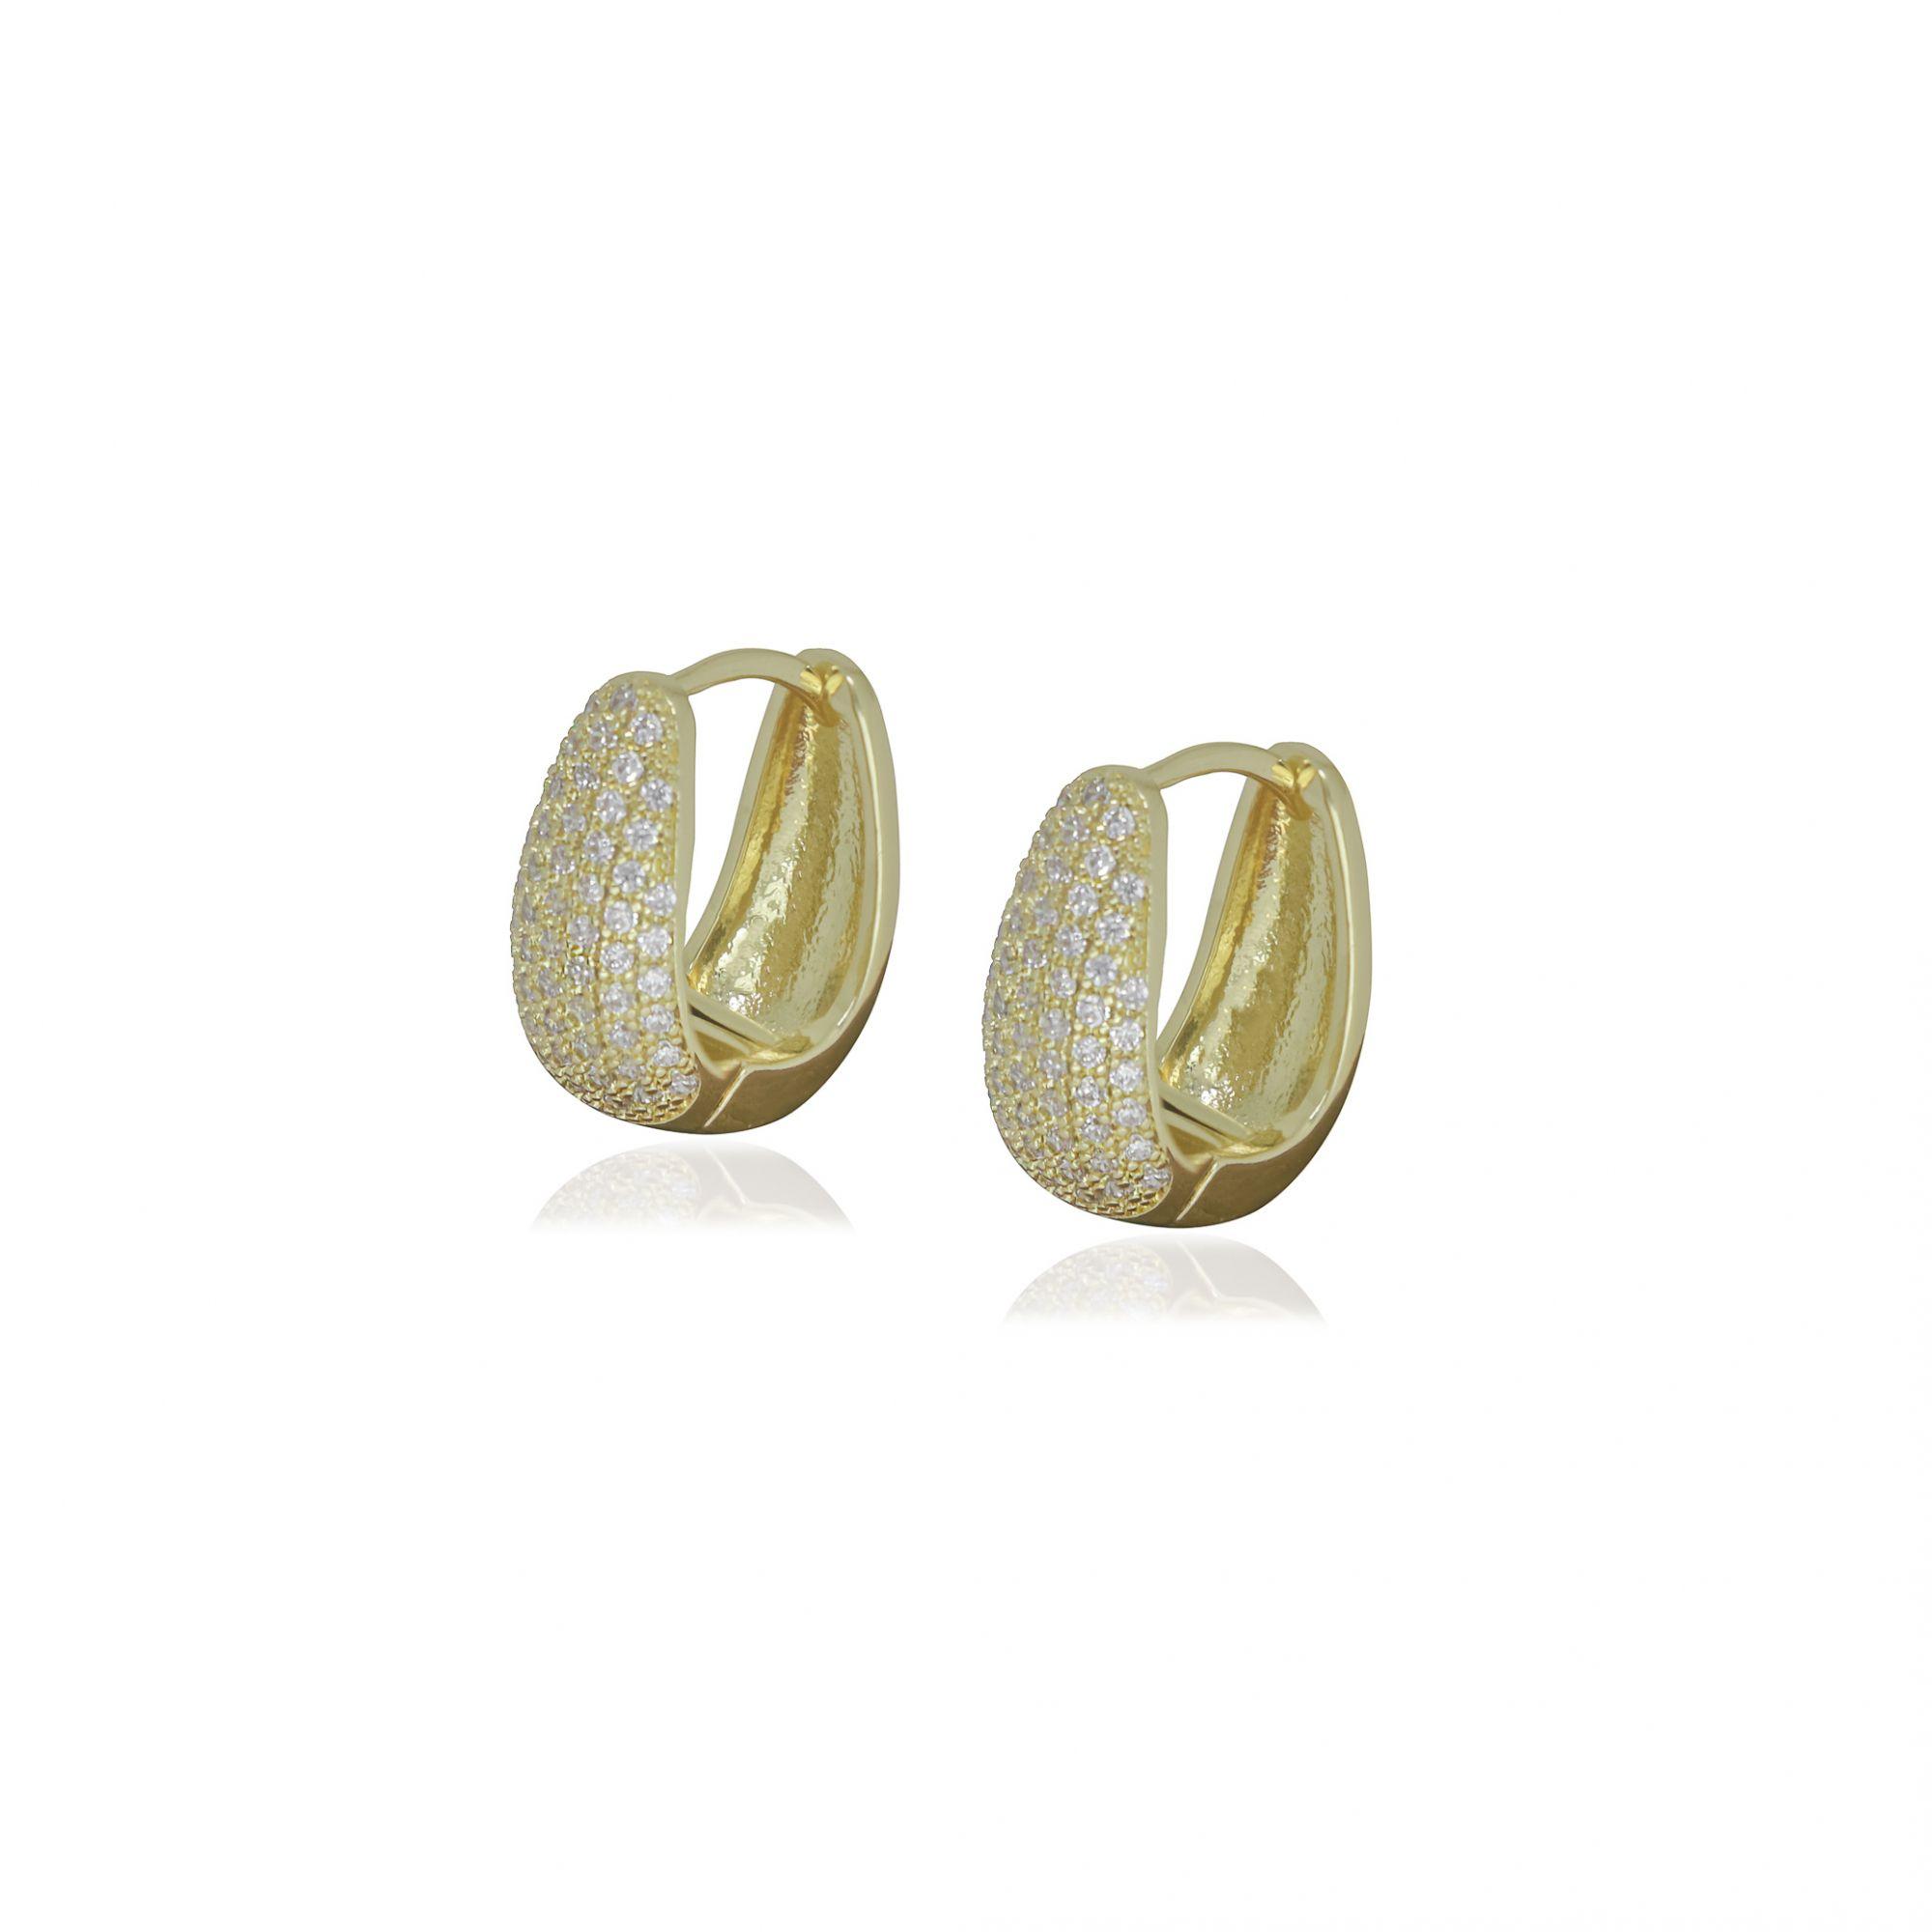 Brinco Semi joia argola cravejada em U 1,5 x 0,8 cm cravejada em microzircônia e folheada a ouro 18k ou rhodium